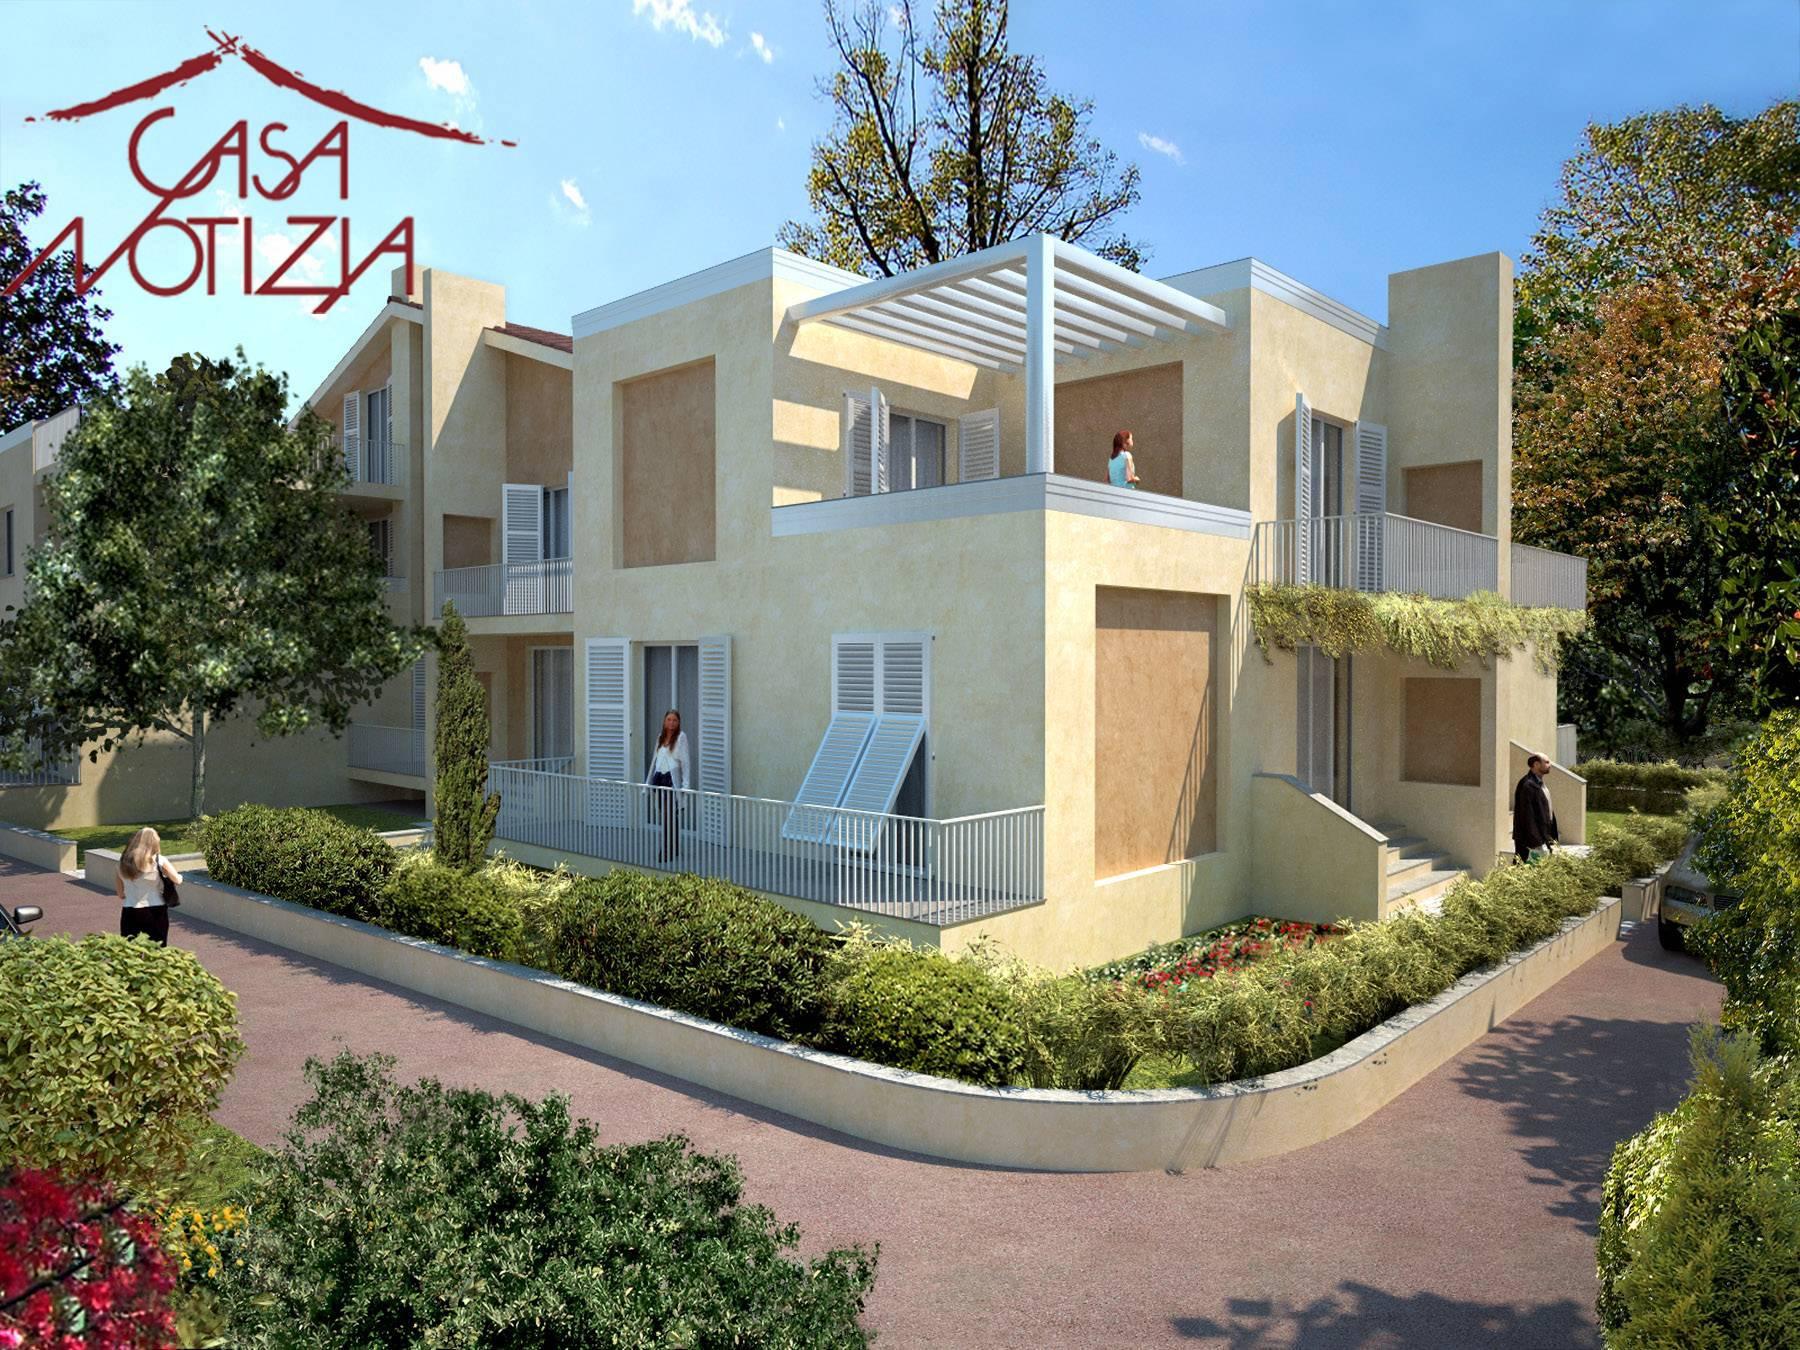 Attico / Mansarda in vendita a Lucca, 4 locali, zona Località: S.Anna, prezzo € 350.000 | PortaleAgenzieImmobiliari.it